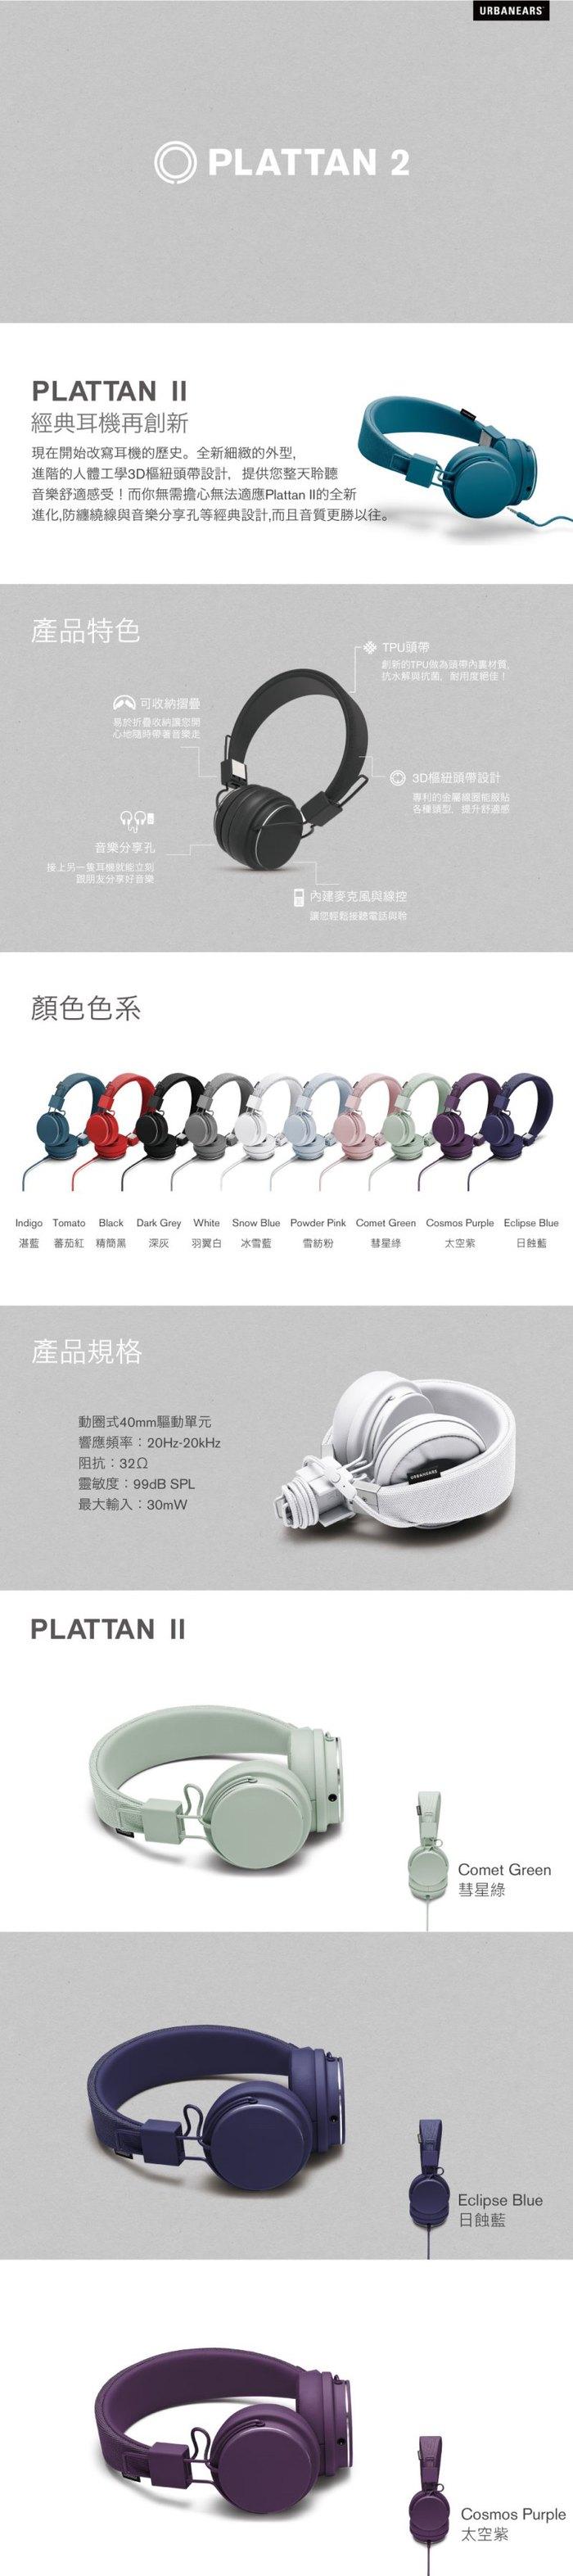 (複製)URBANEARS|Plattan II Bluetooth 藍牙耳罩式耳機(番茄紅)